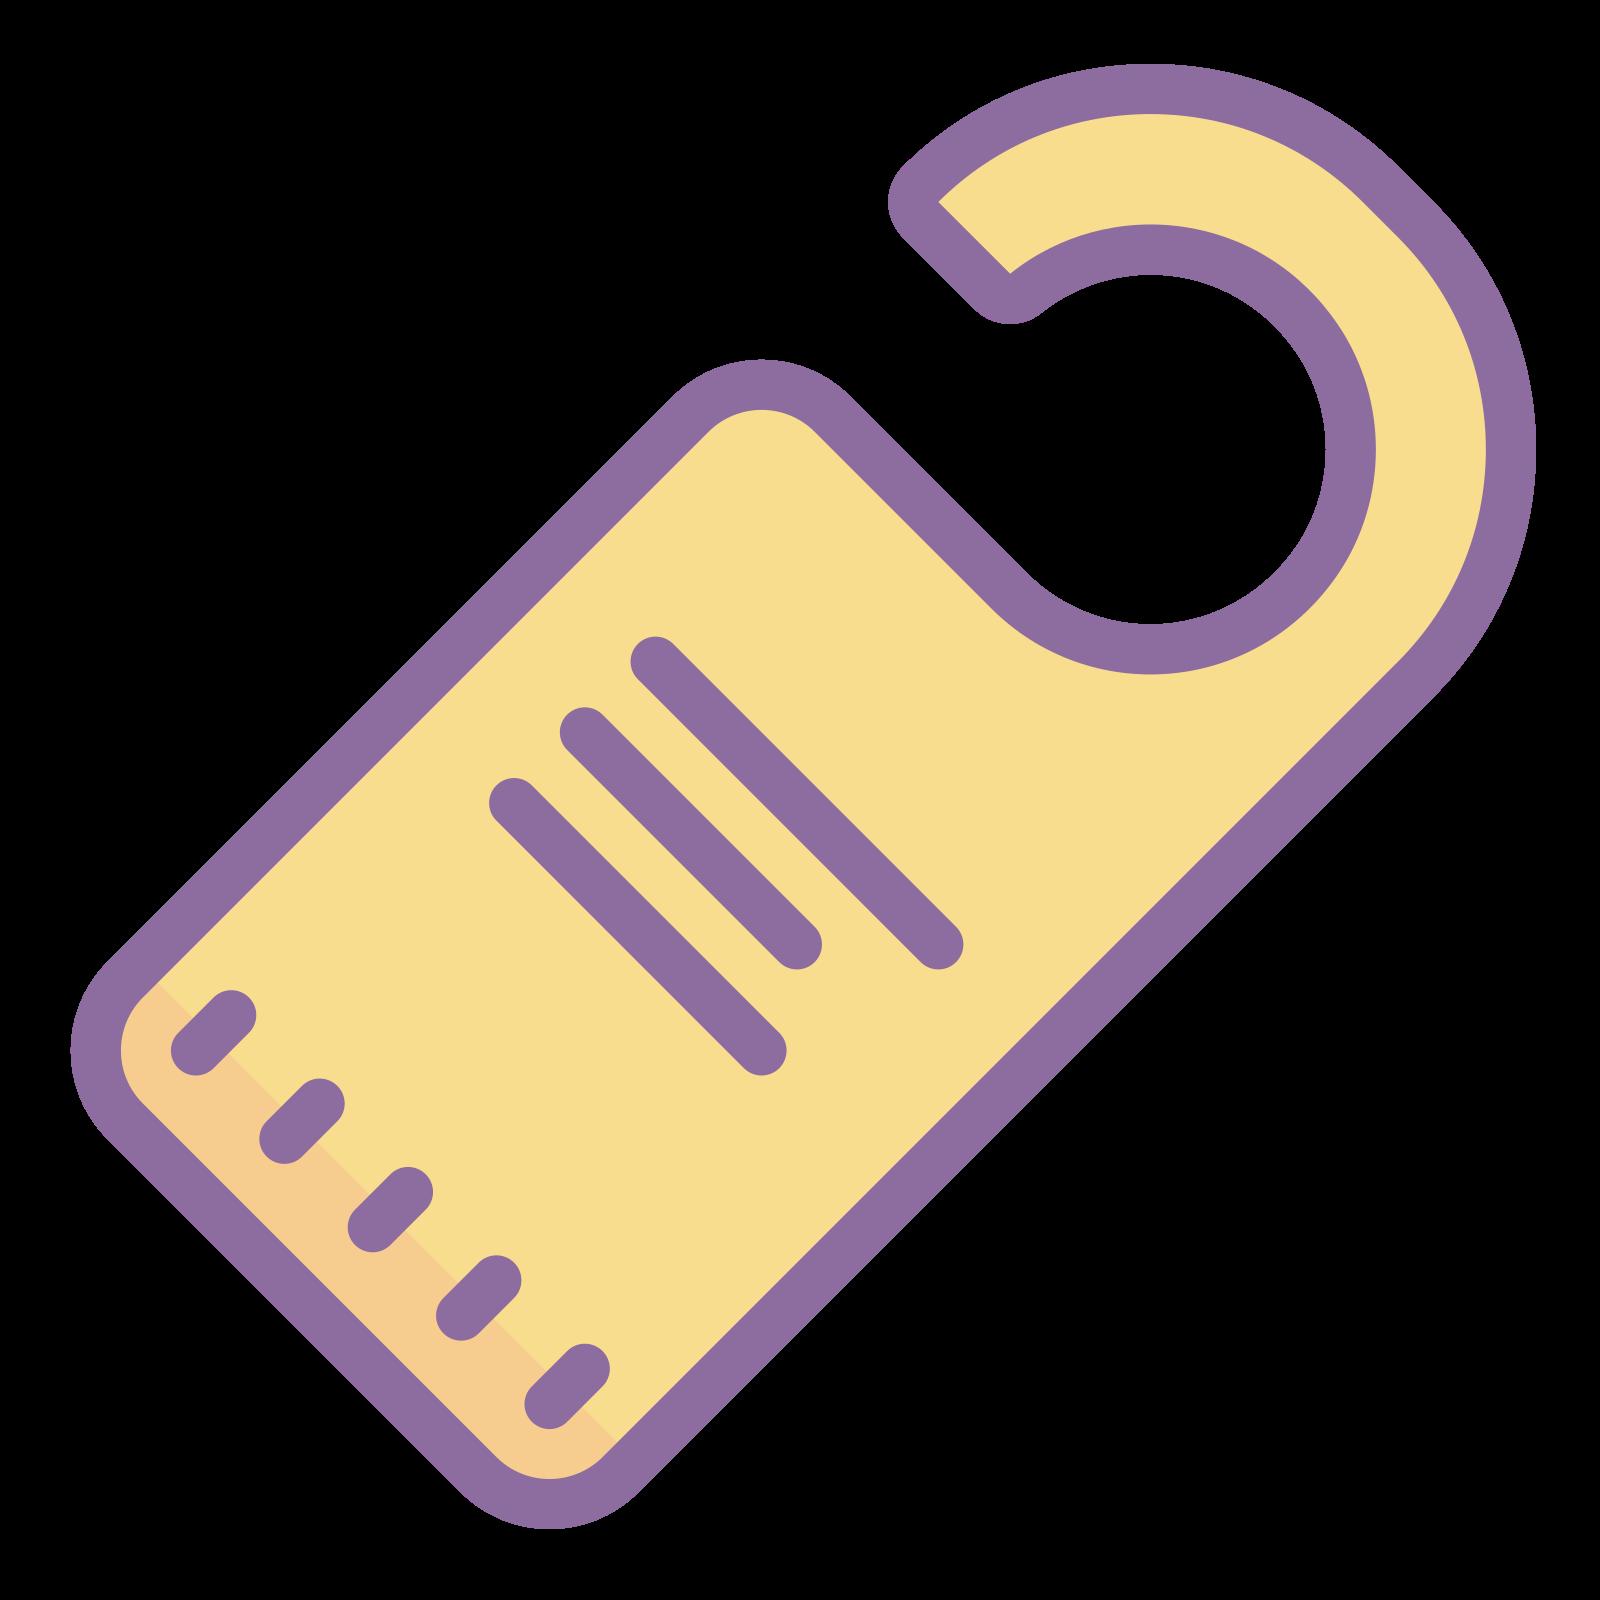 Door Hanger icon